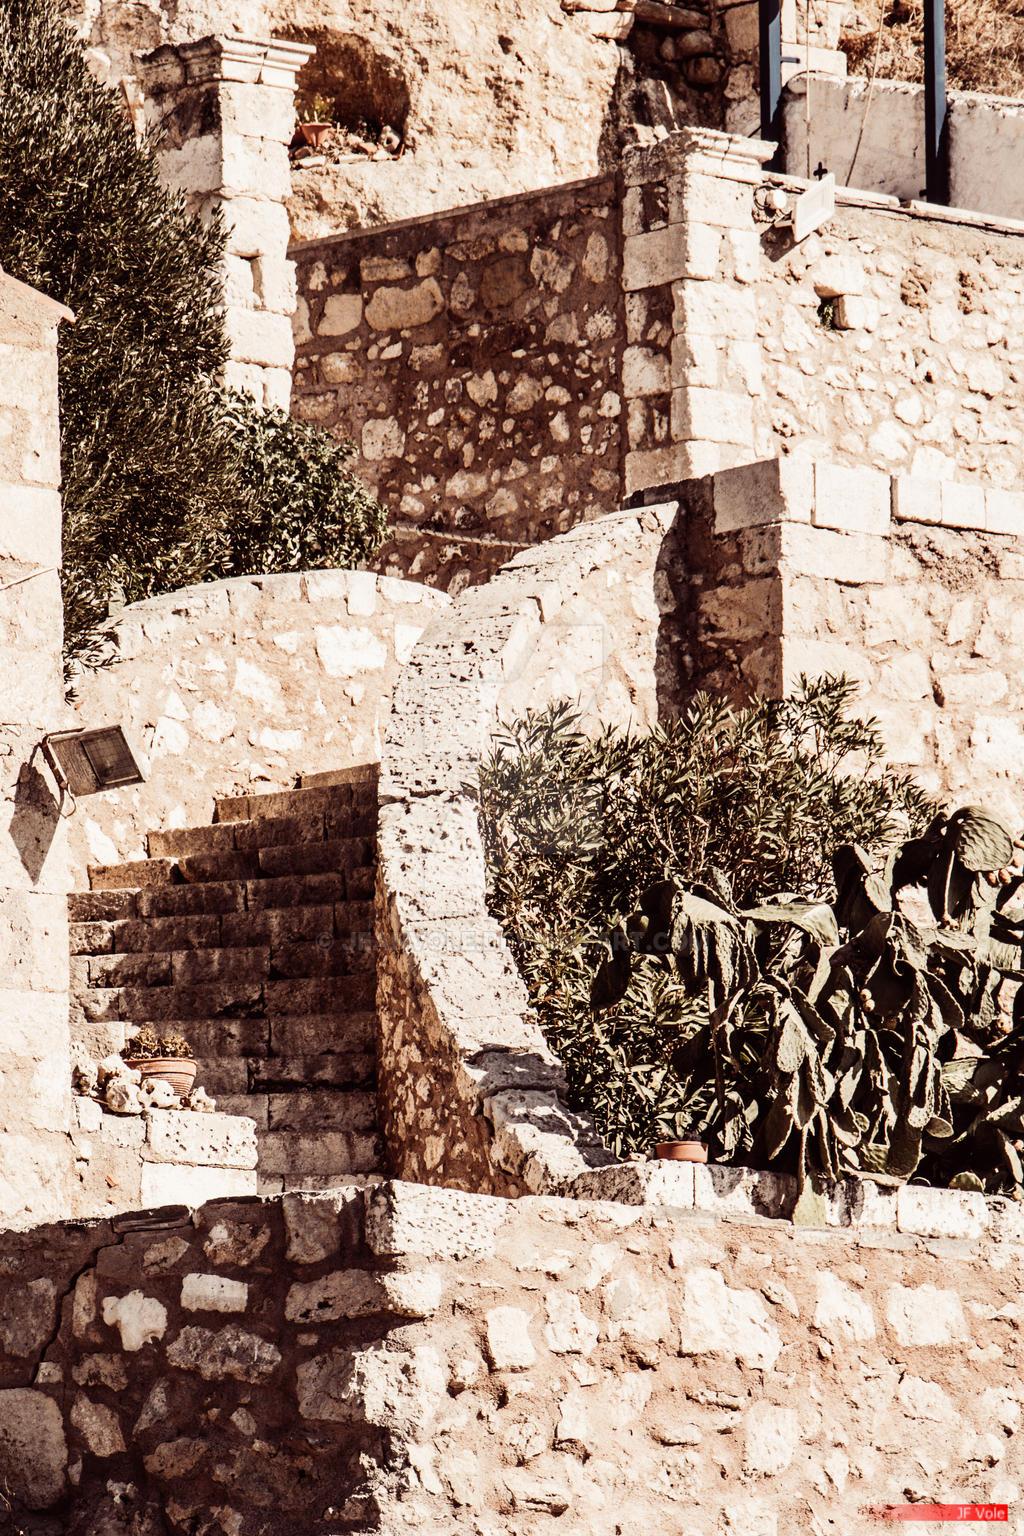 Escalier 1910-02